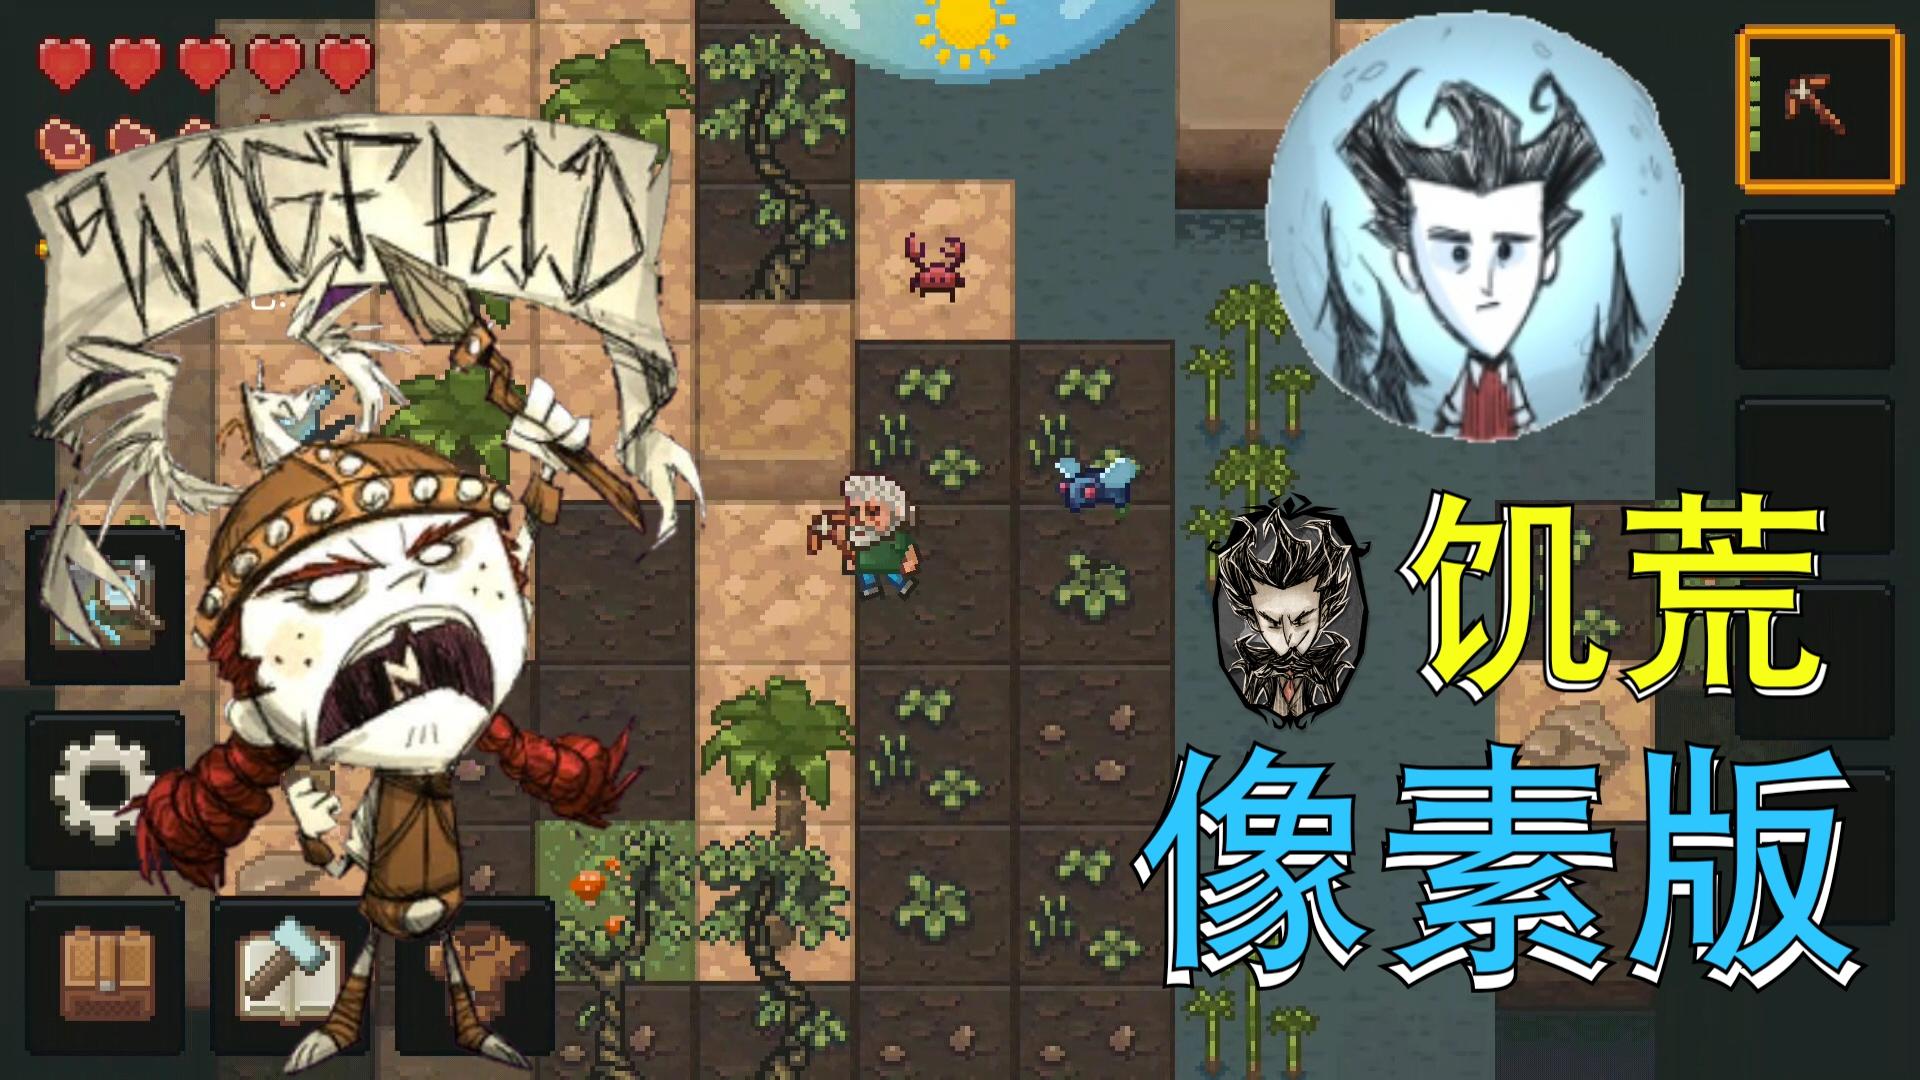 一款鲜为人知的宝藏游戏,像素版饥荒!在荒凉的平原努力生存下去